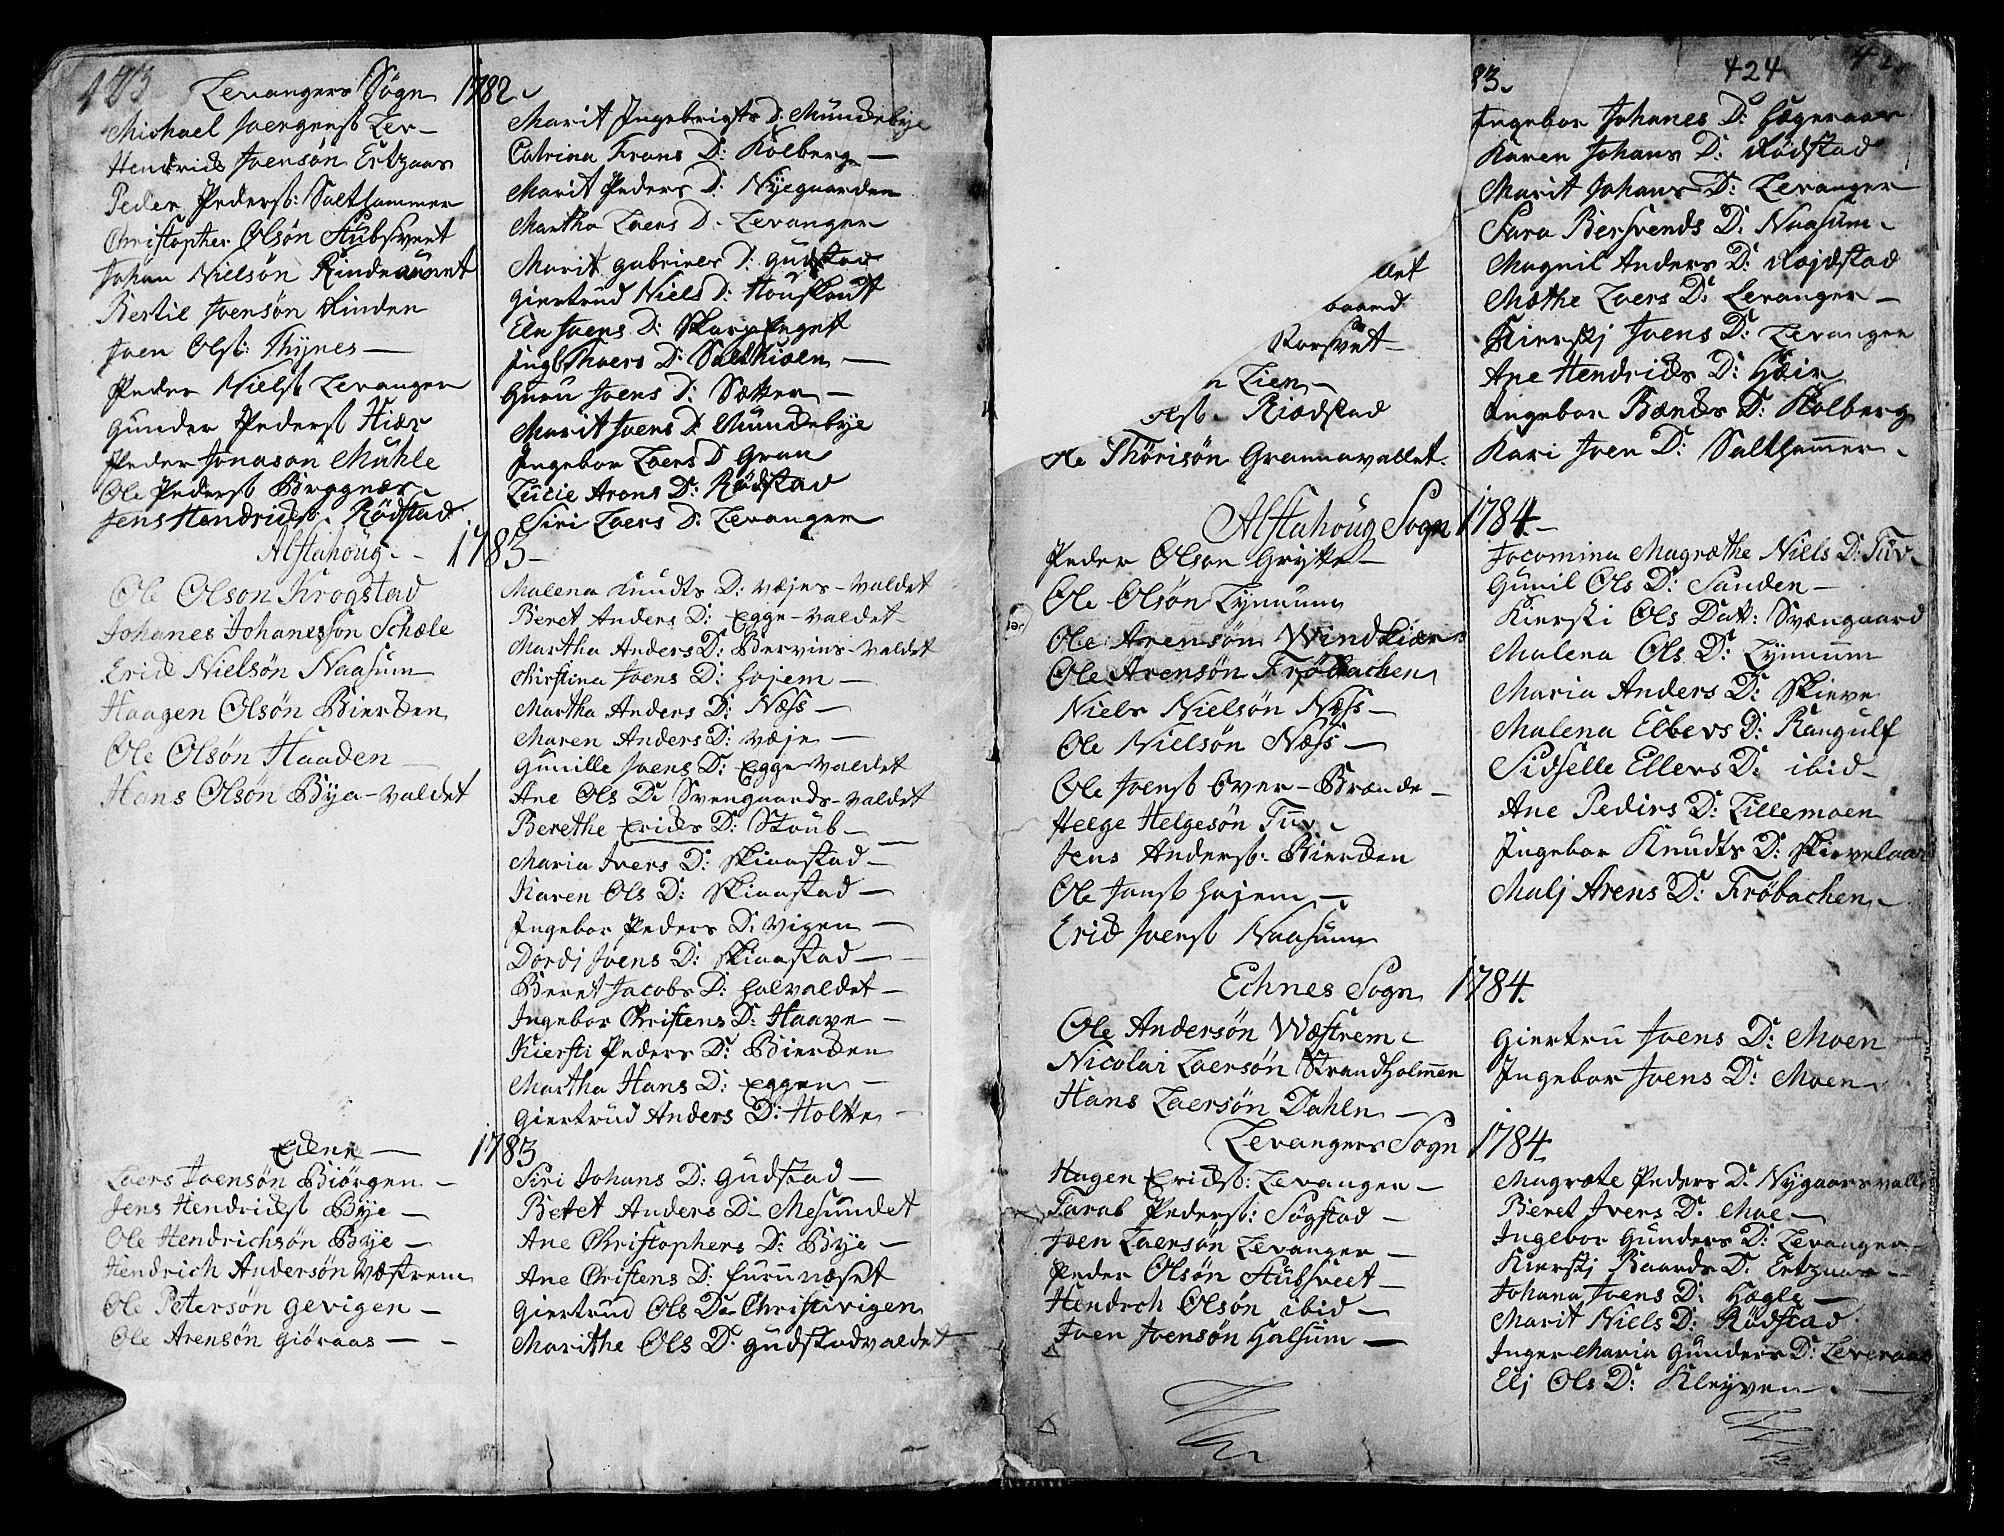 SAT, Ministerialprotokoller, klokkerbøker og fødselsregistre - Nord-Trøndelag, 717/L0141: Ministerialbok nr. 717A01, 1747-1803, s. 423-424